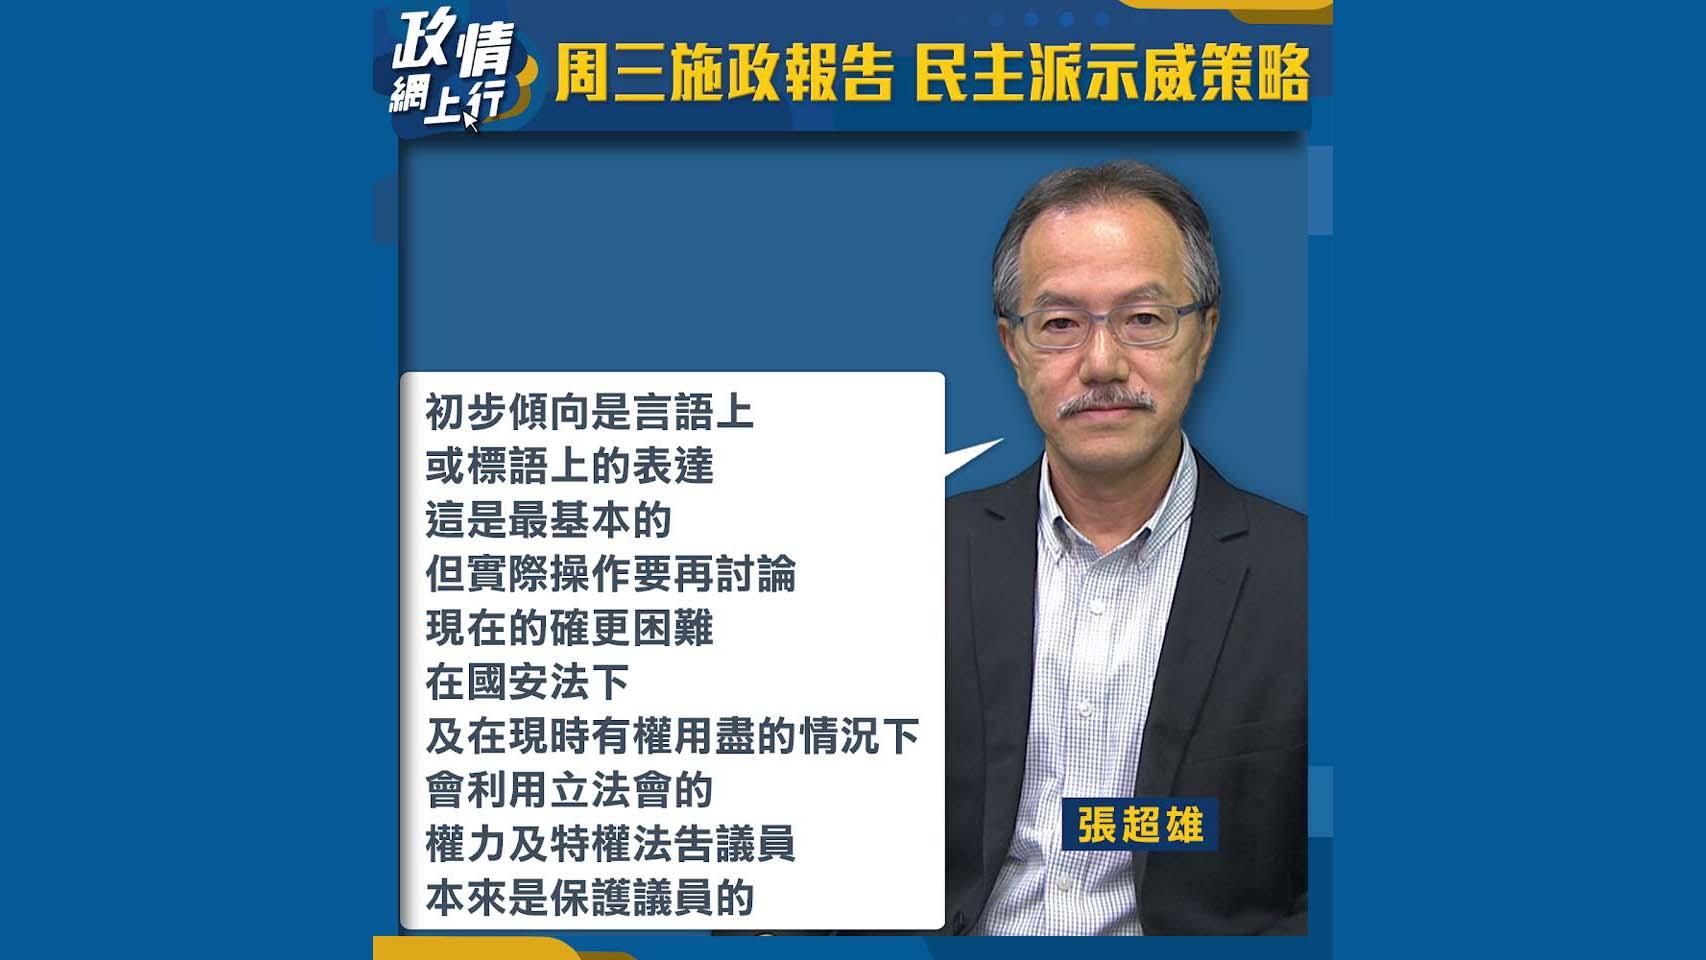 【政情網上行】周三施政報告 民主派示威策略